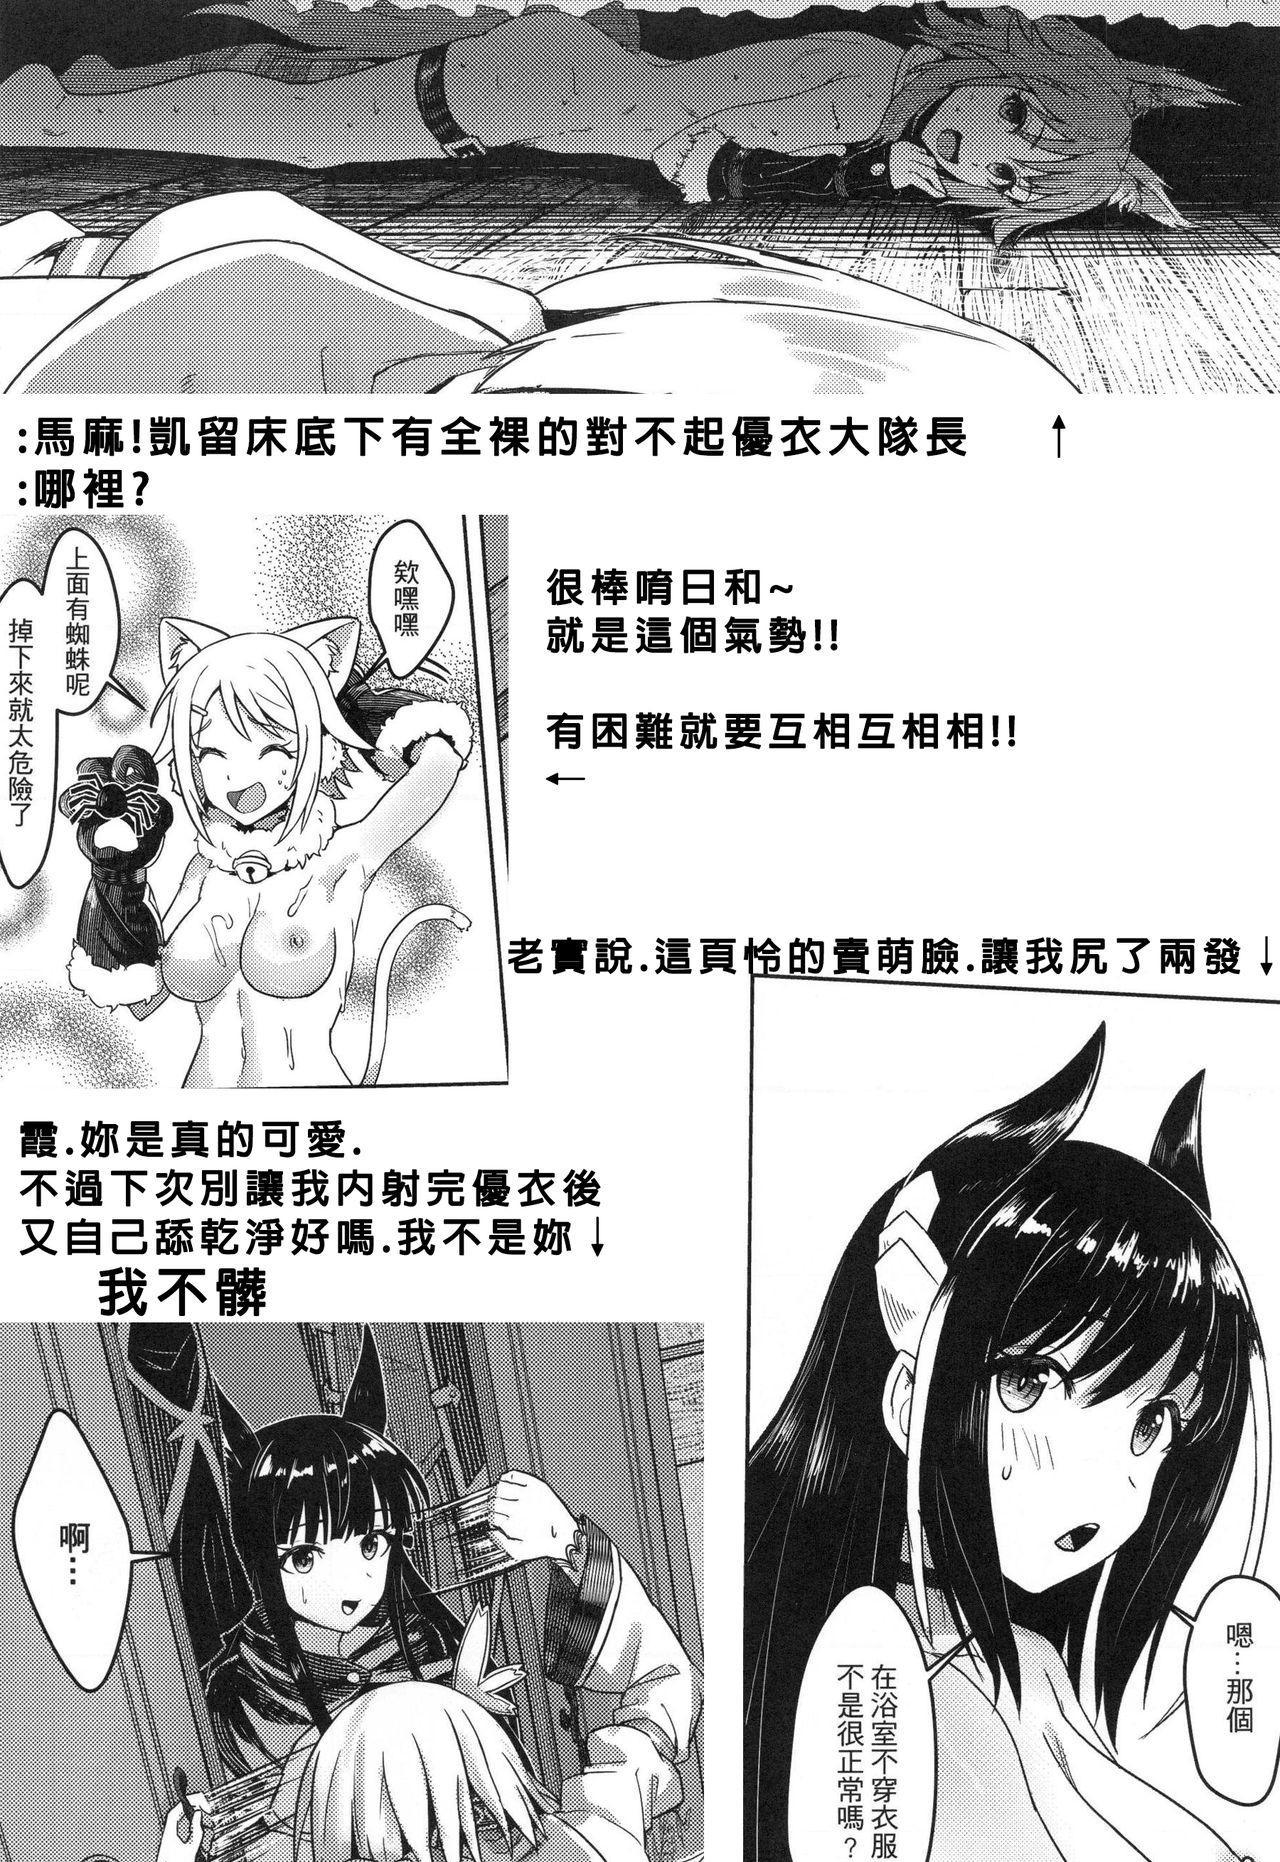 【台湾FF37】[蜂巢 (Apoidea)]《優衣與騎士君的倆人♡時光》[Chinese] (超異域公主連結 Re:Dive) [切嚕系女子個人搬運] [Decensored] 36